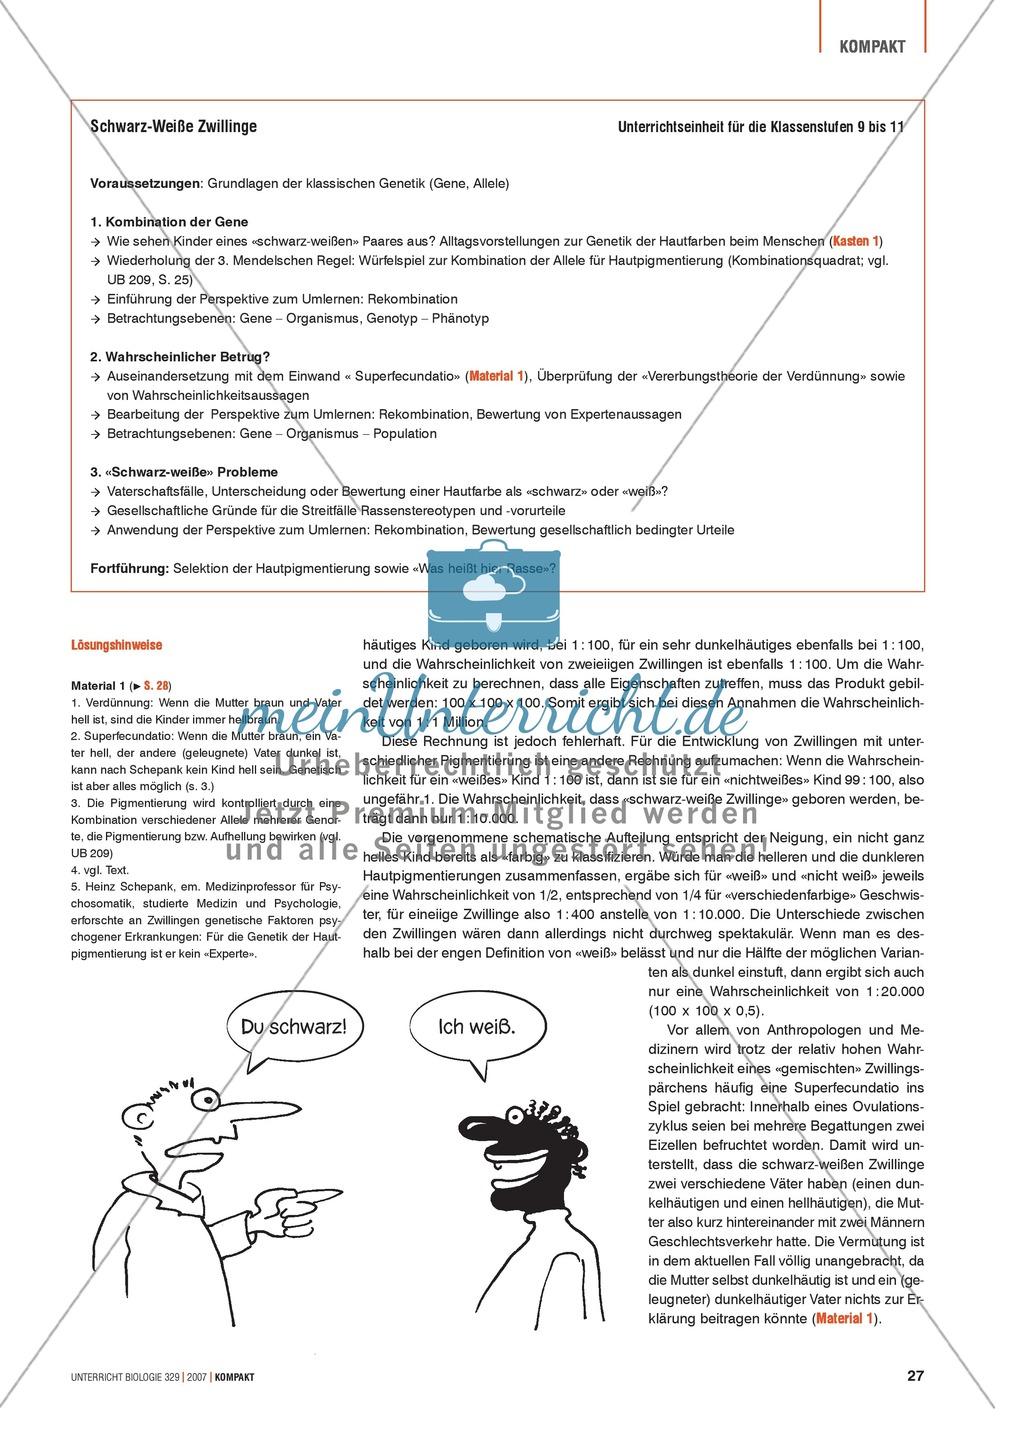 Alltagsvorstellungen zur Genetik - Gene, Merkmale und Rekombination: Info-Text und Aufgaben Preview 3